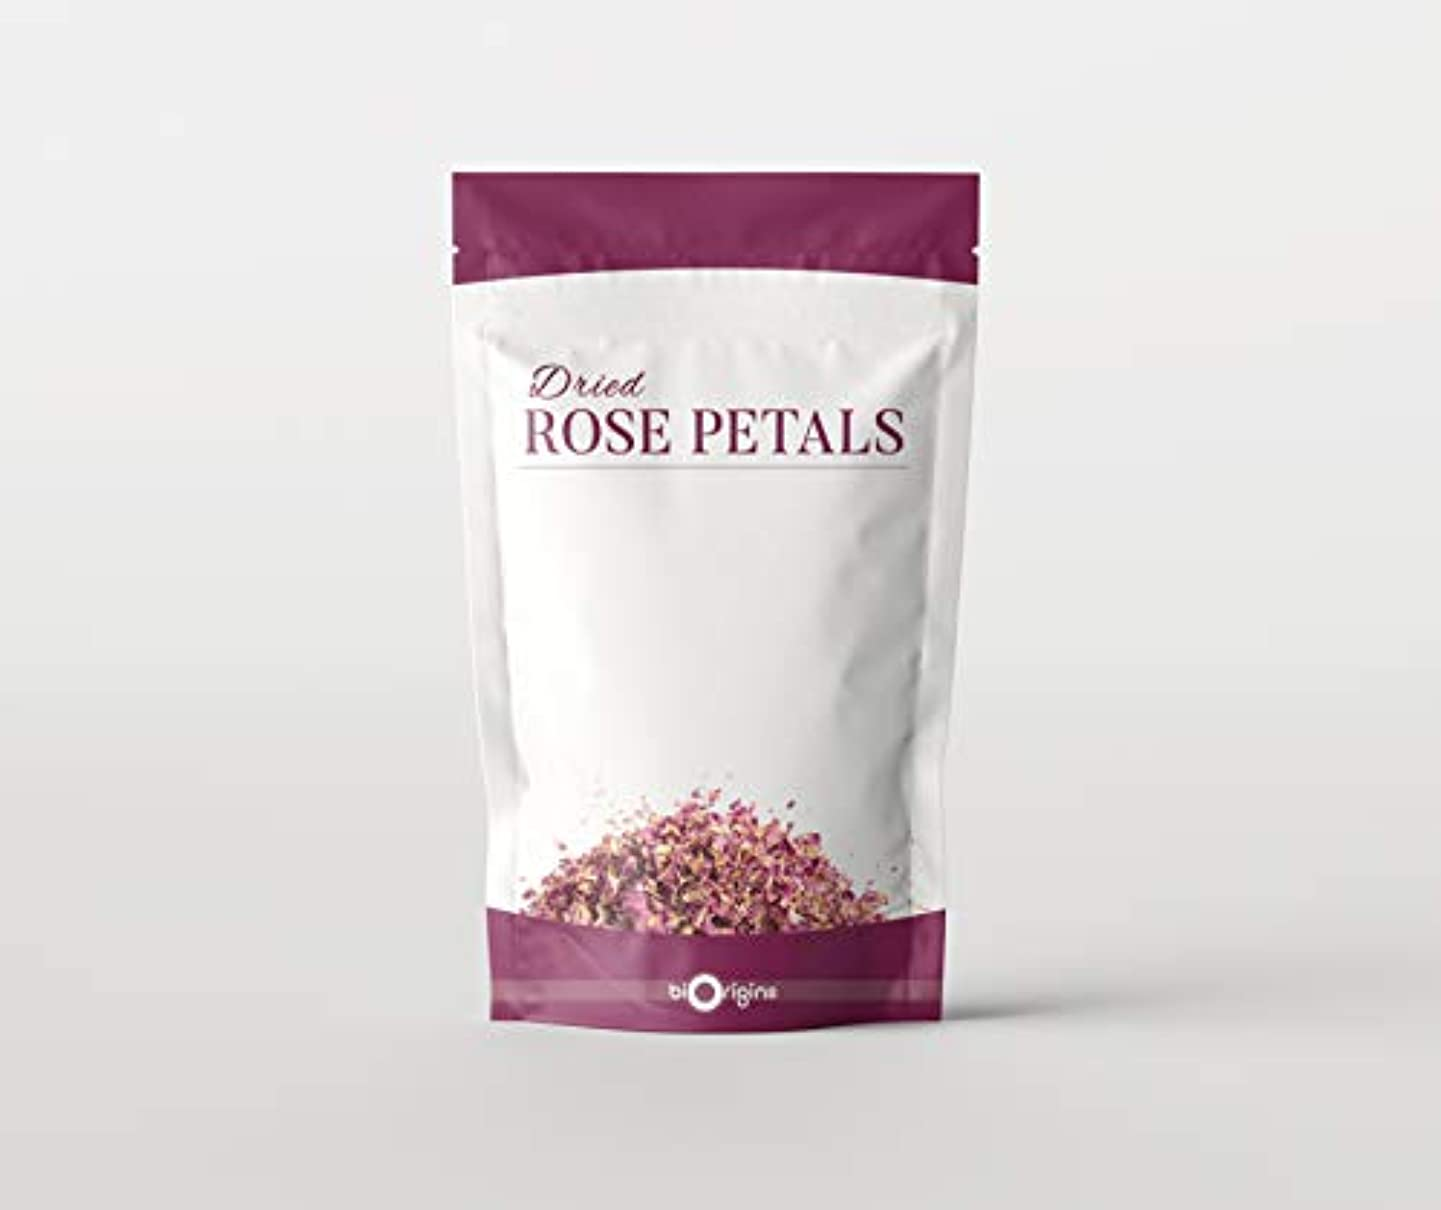 改修する毎回調停するDried Rose Petals - 100g